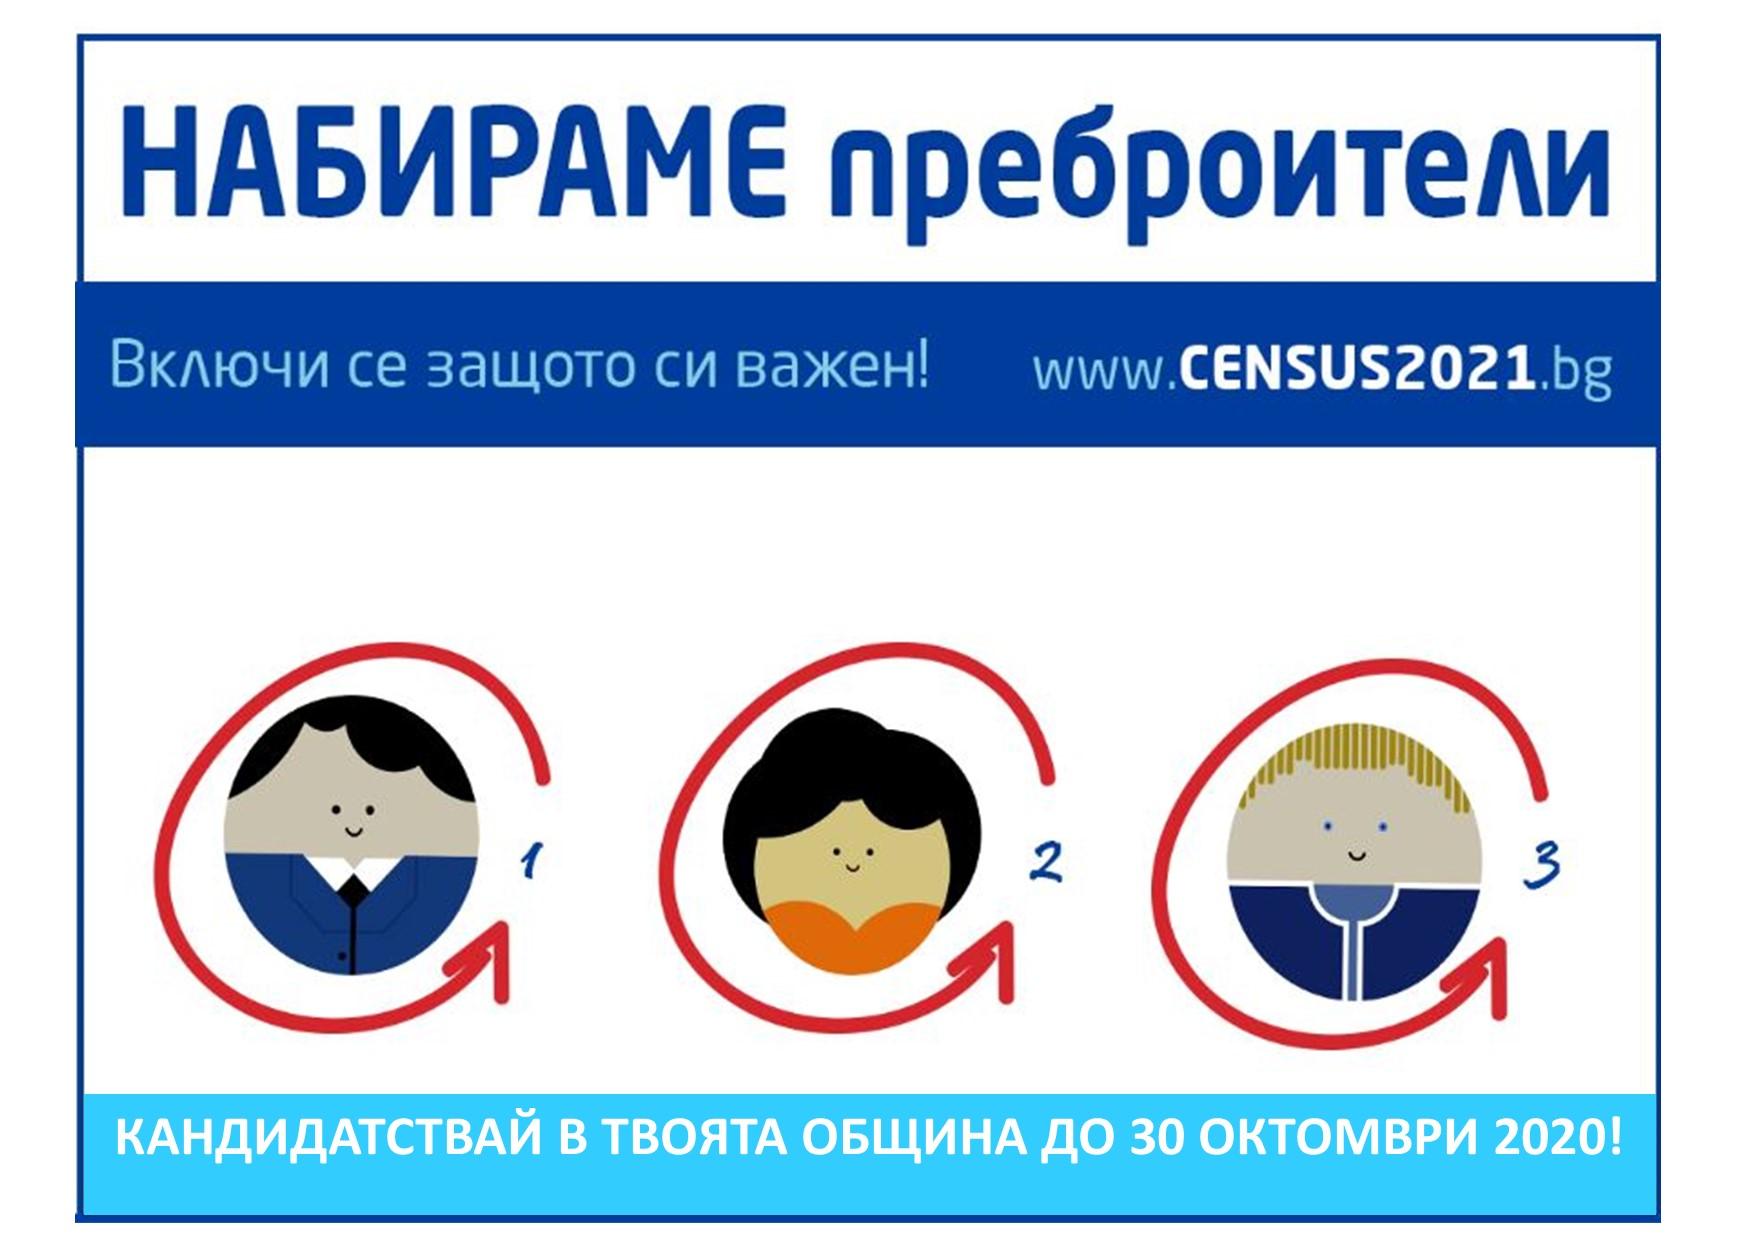 Националният статистически институт удължава срока за набиране на преброители и контрольори